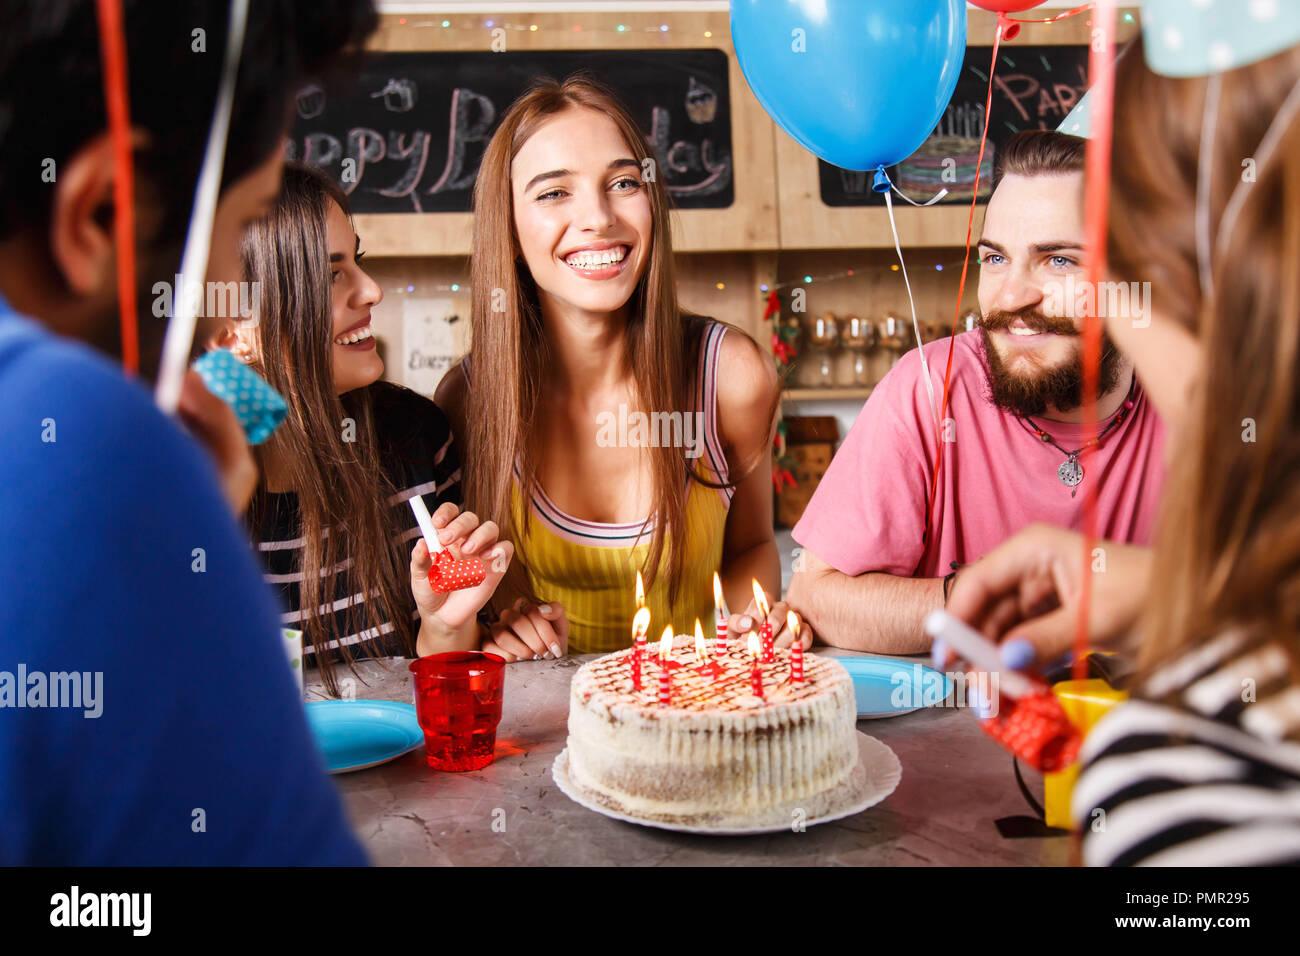 Brünette lange Haare Mädchen sitzen um ihre Freunde und lächelnd viel auf eine Geburtstagsfeier Stockbild